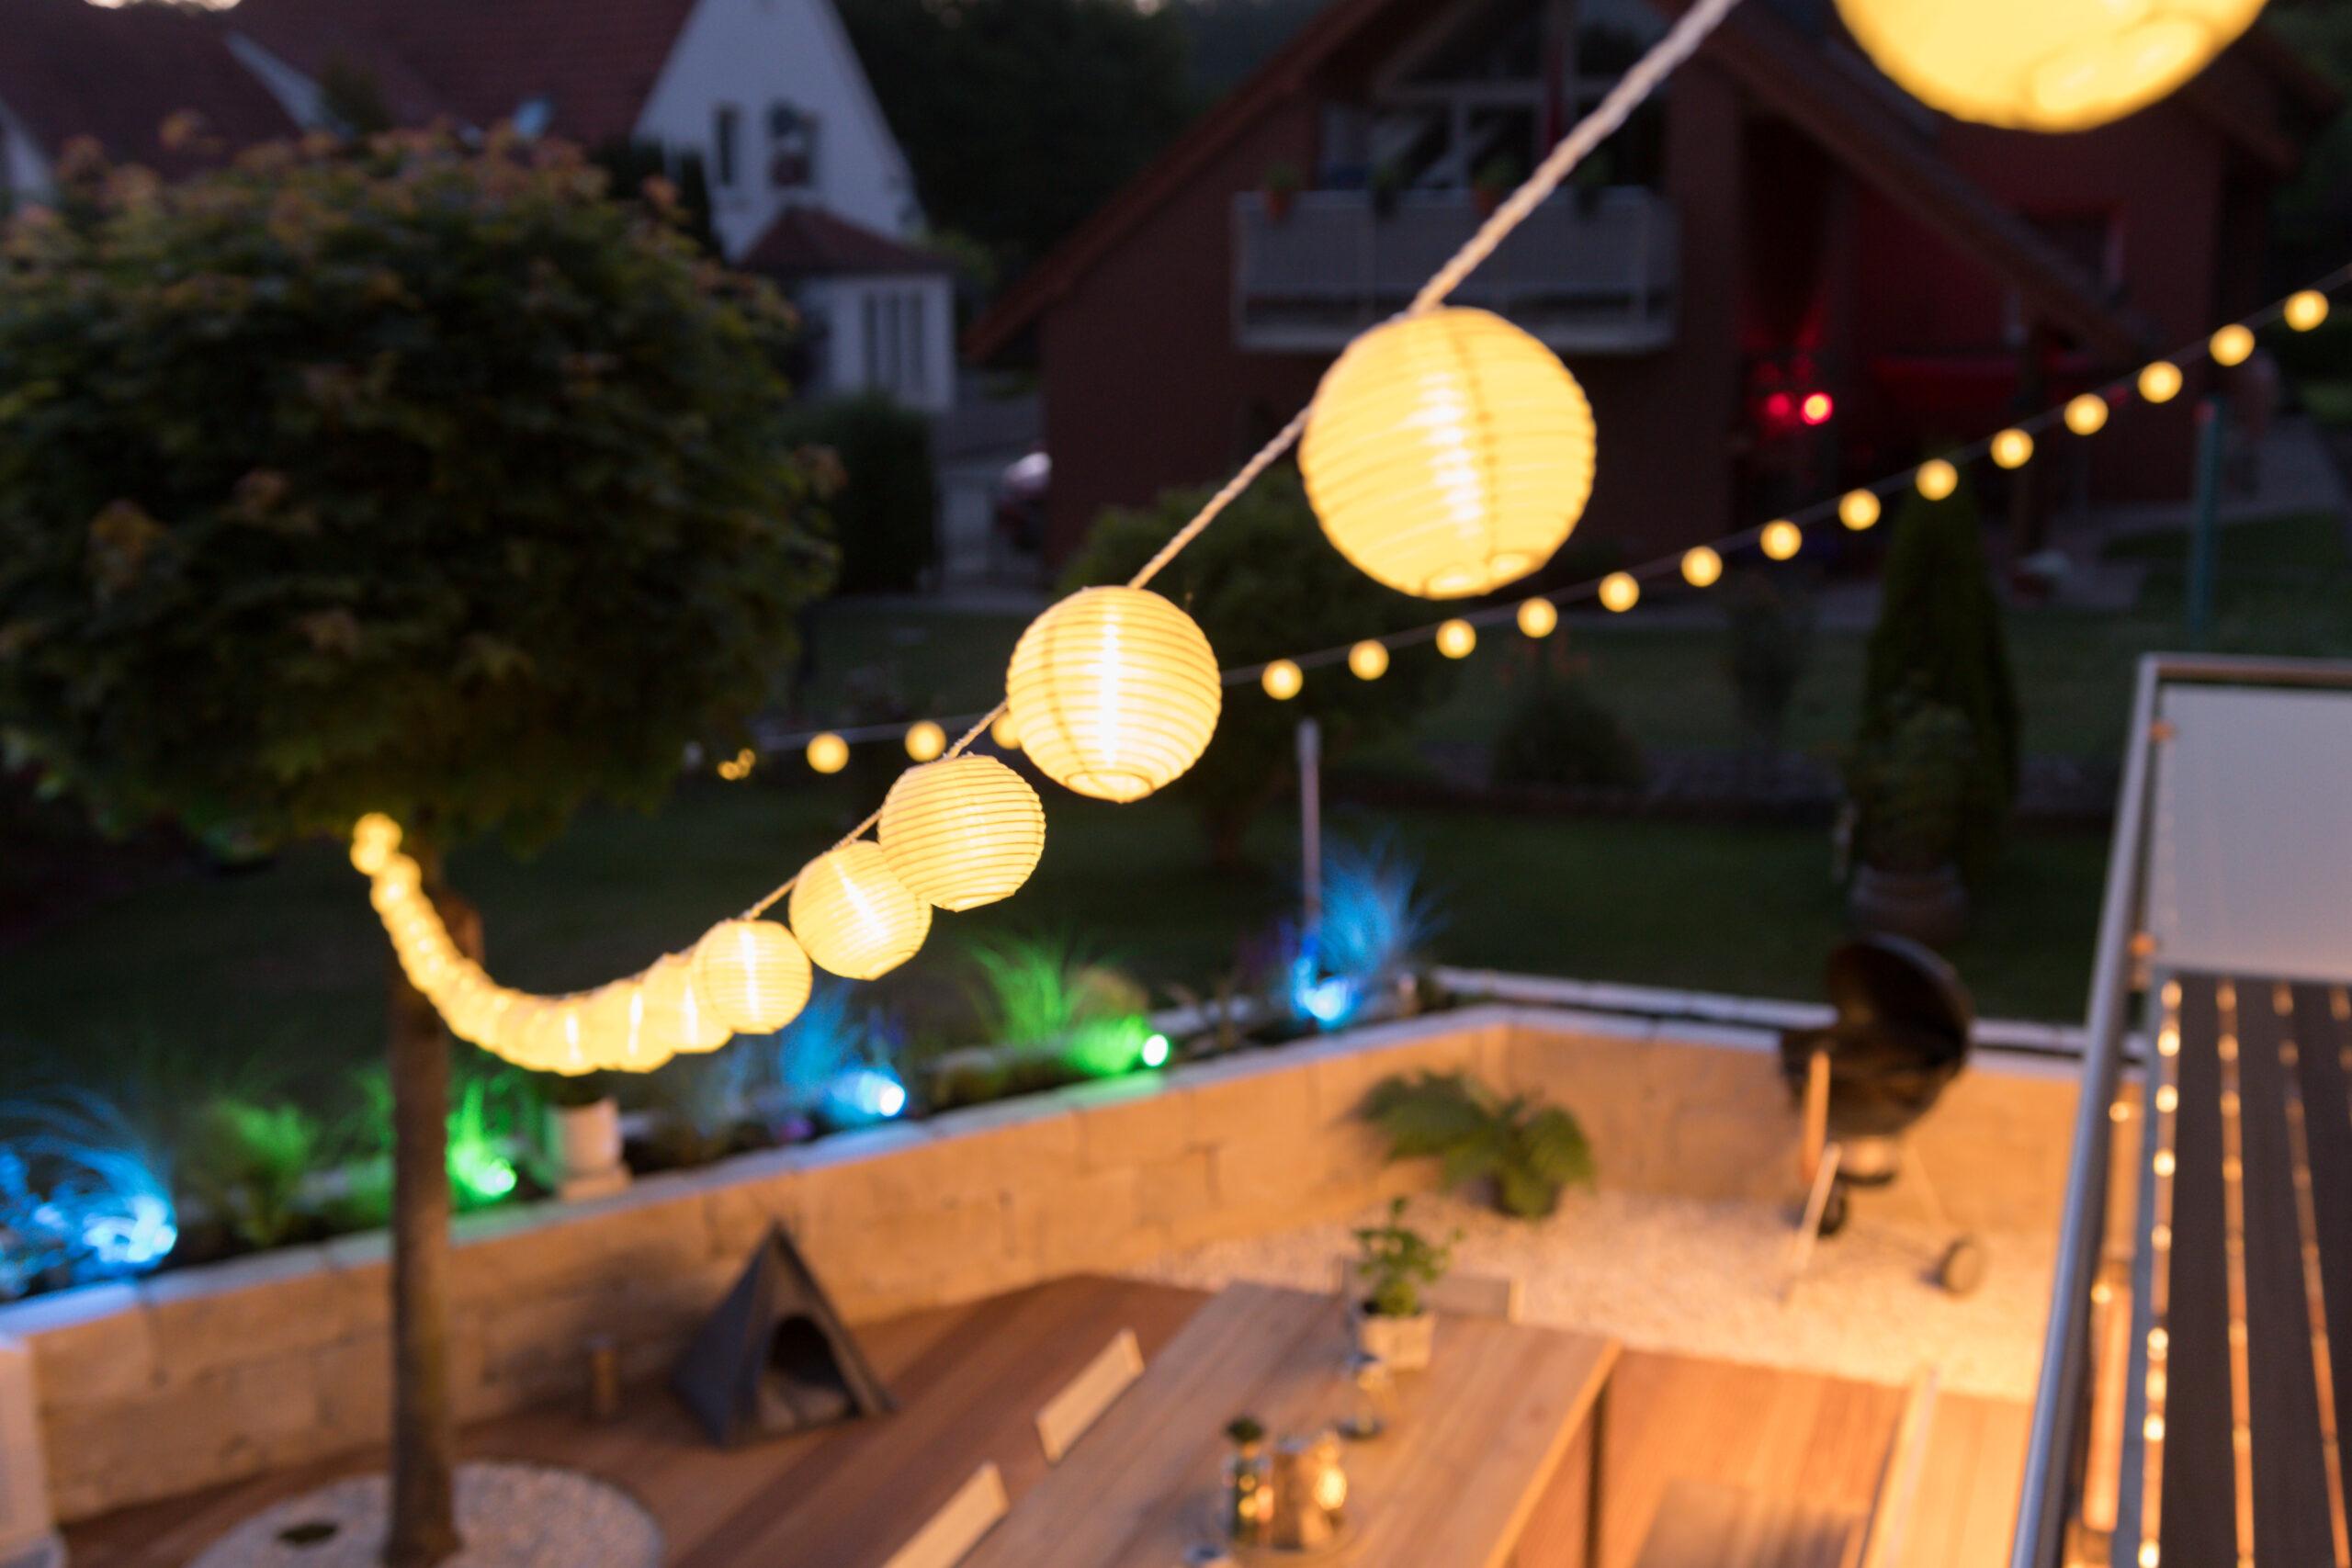 Die Outdoor-Lampion-Lichterkette wirft ein warmes Licht auf die Terrasse.